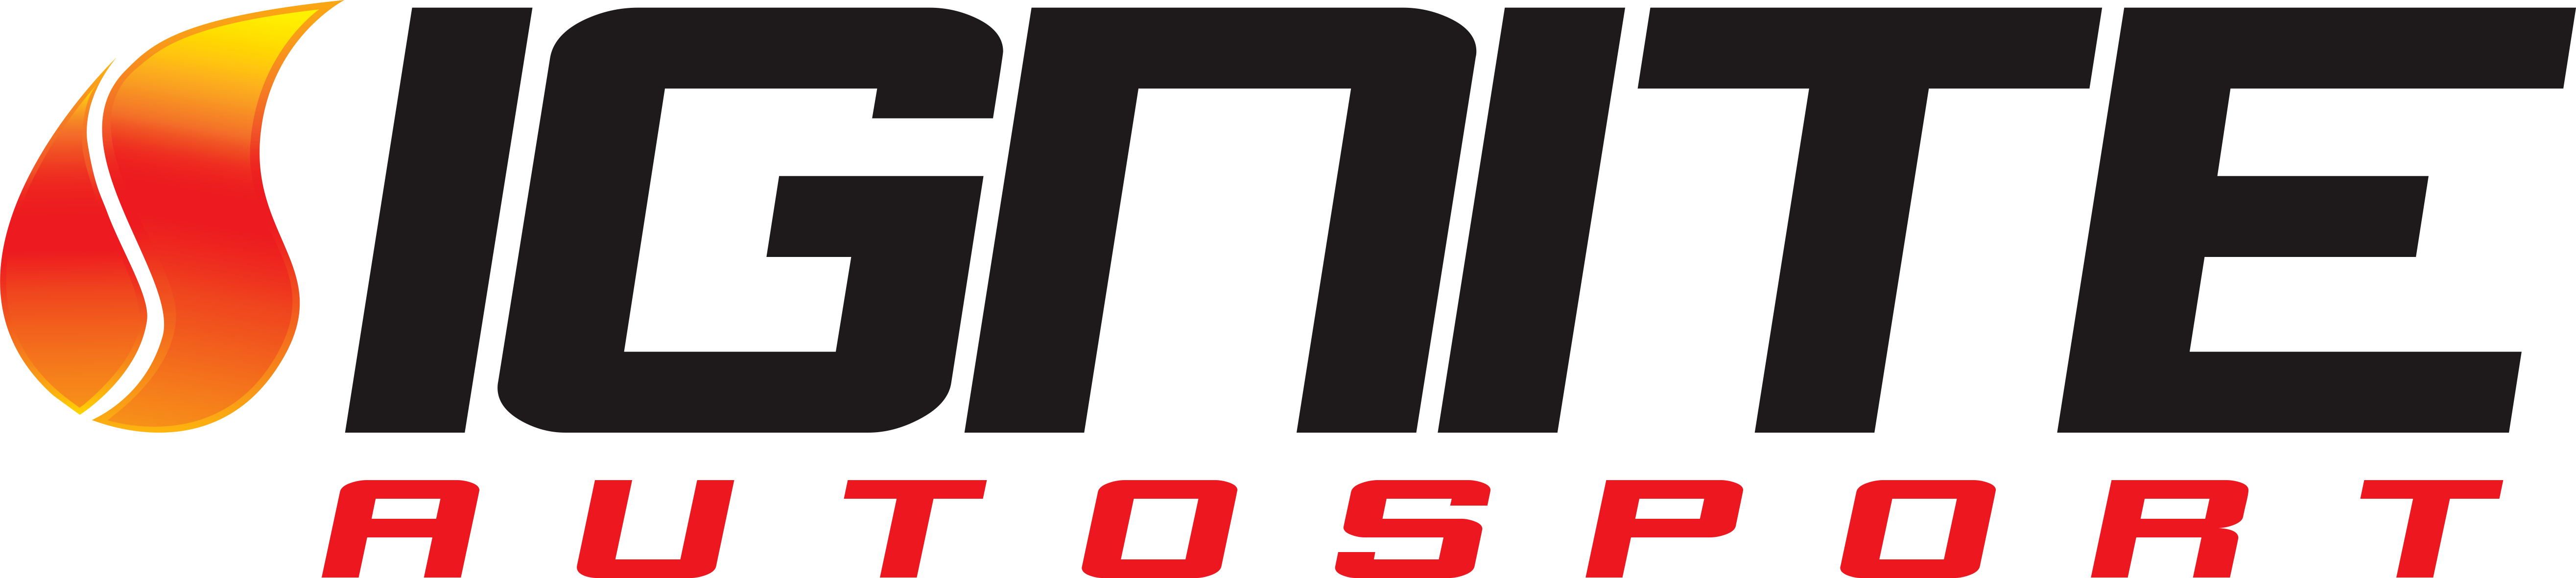 Ignite Autosport